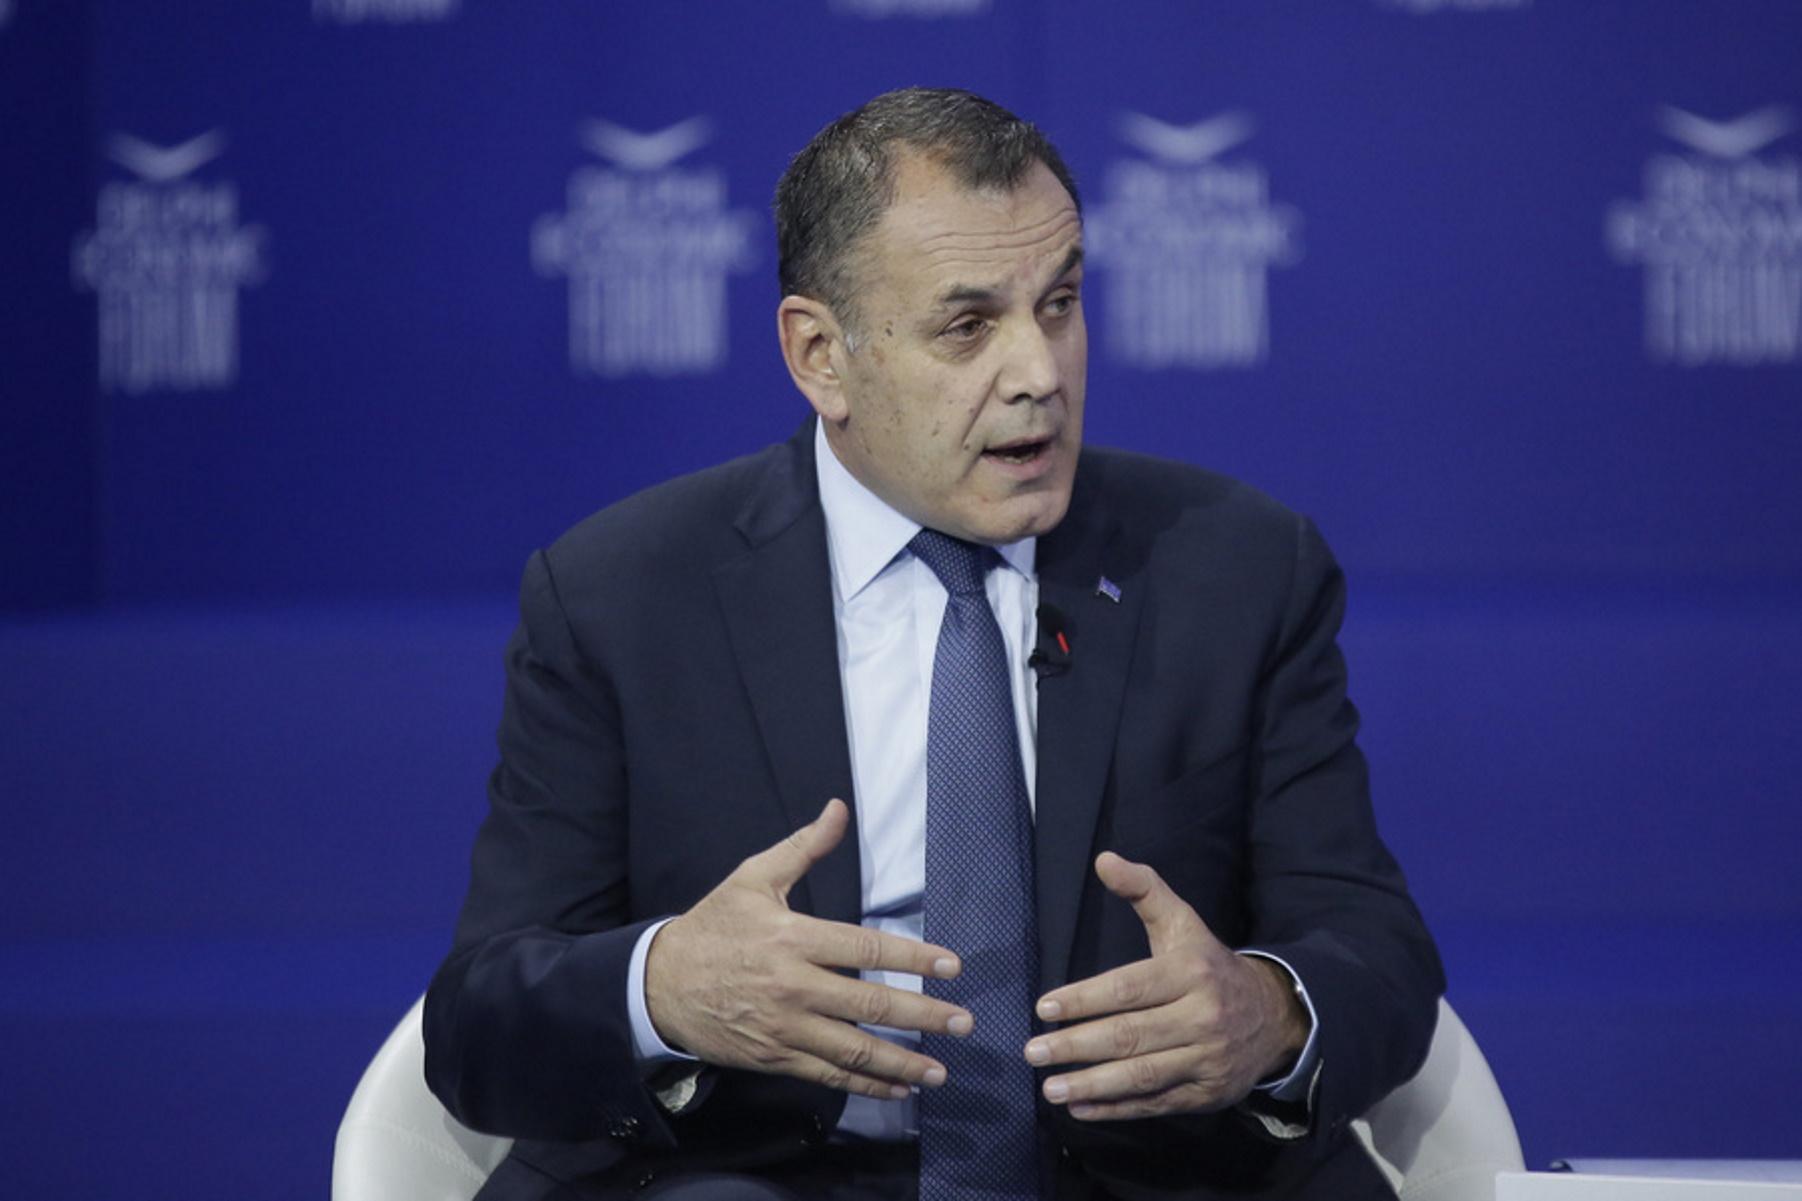 Παναγιωτόπουλος σε Ακάρ: Ό,τι απειλείται δεν αποστρατικοποείται – «Μήνυμα» για φρεγάτες!